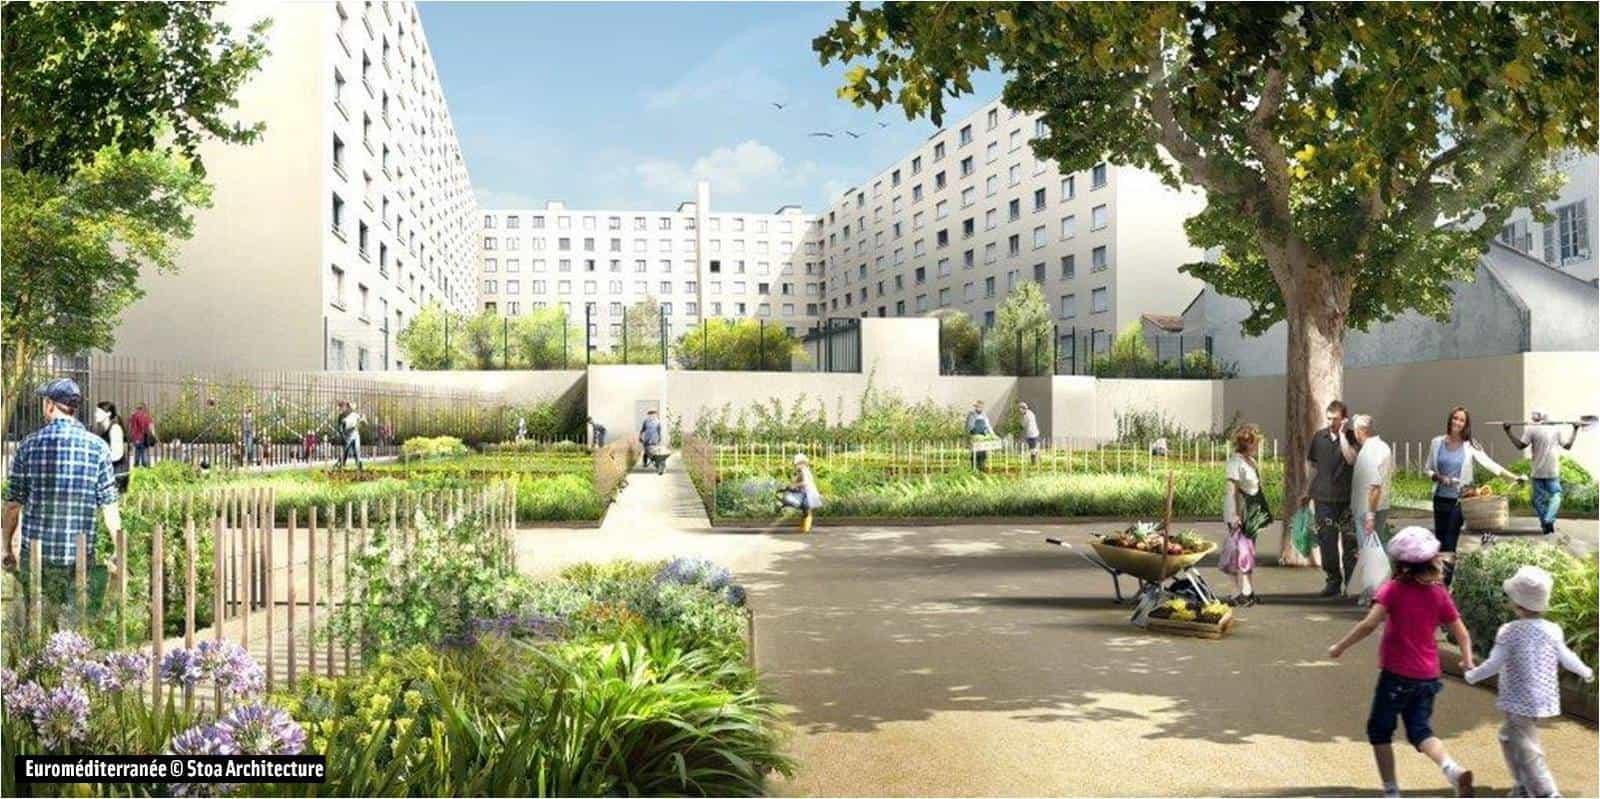 Les habitants de la joliette auront des jardins partag s - Salon du jardin marseille ...